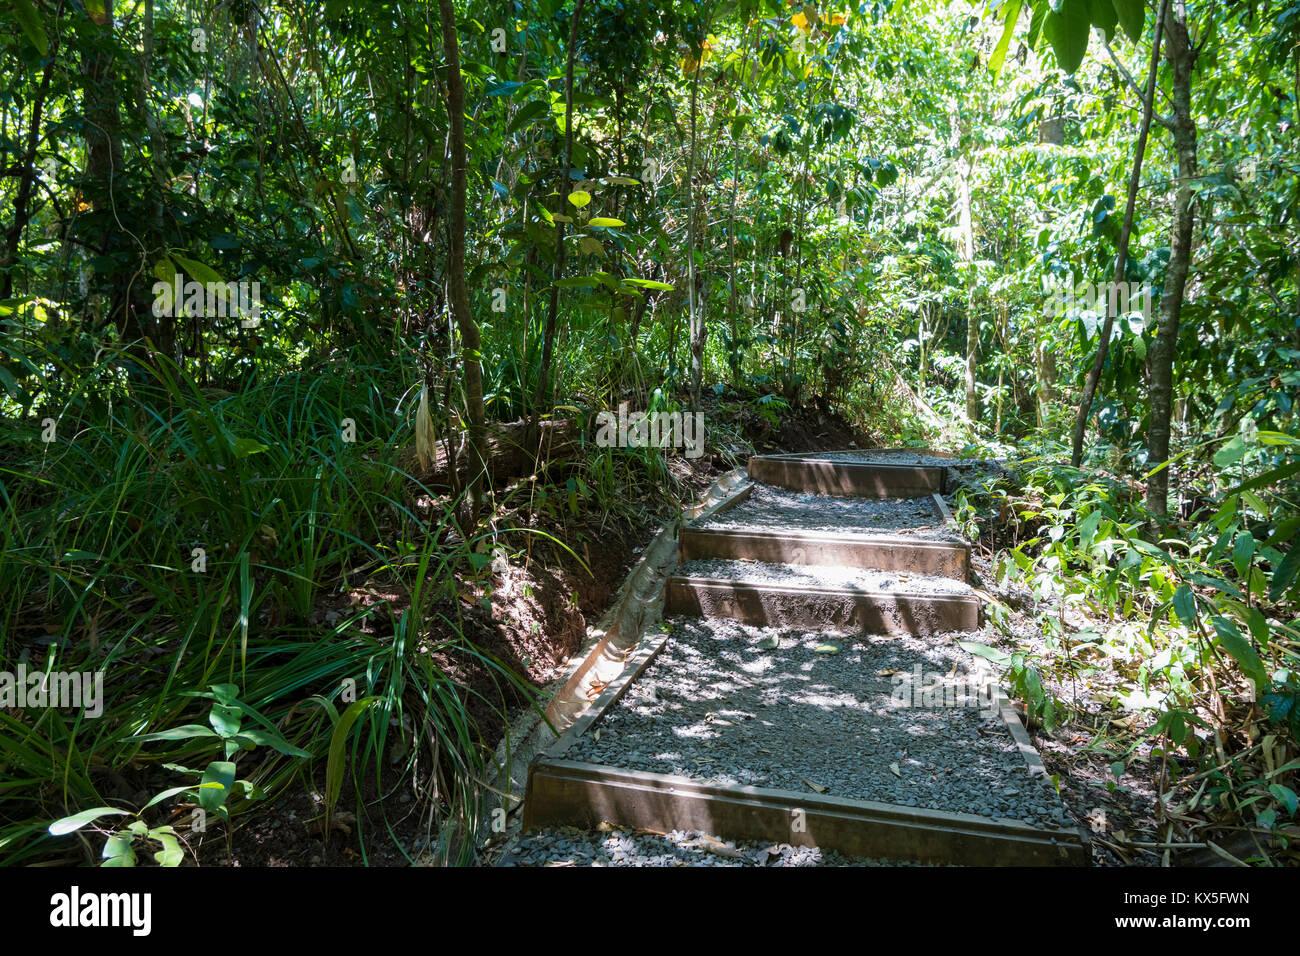 Percorso escursionistico, parco nazionale Manuel Antonio, Costa Rica Immagini Stock